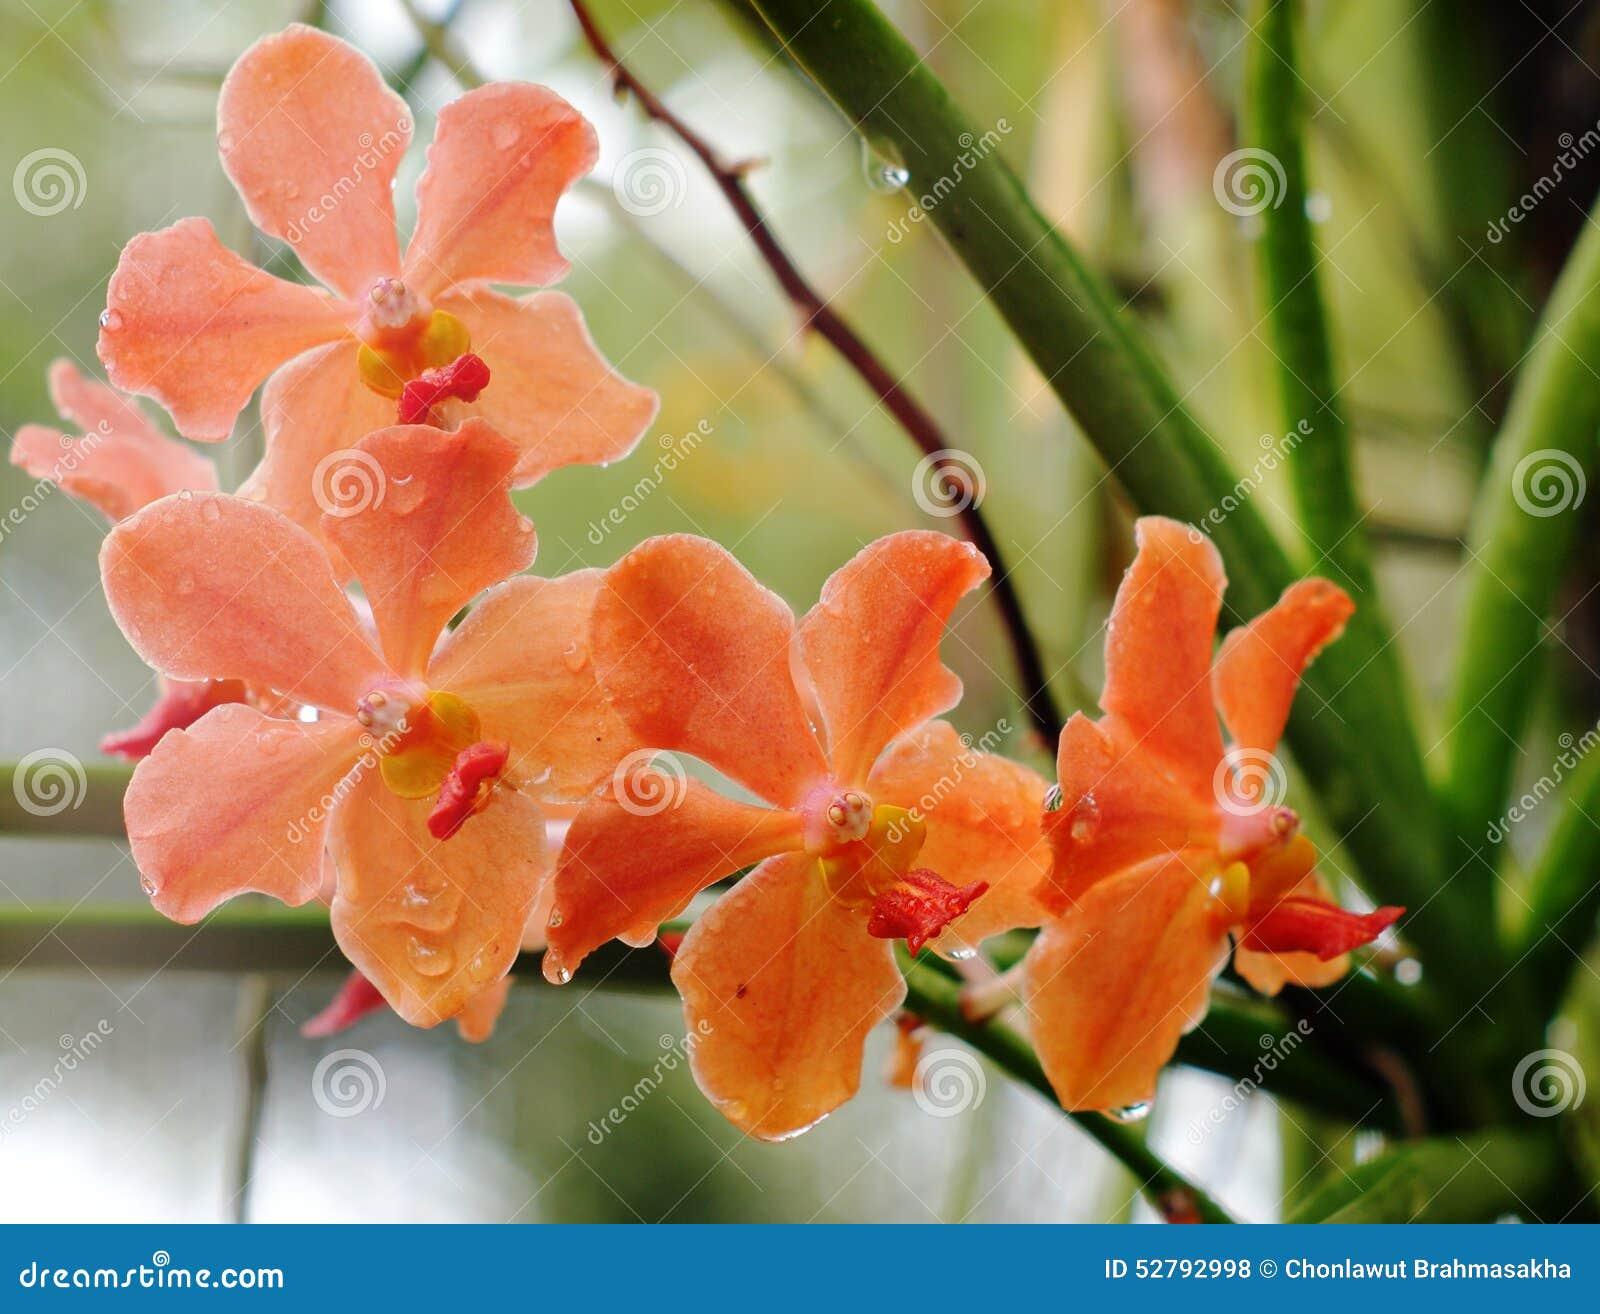 Orchideen Beleuchtung | Orchideen Unter Naturlicher Beleuchtung Stockfoto Bild Von Bluhen